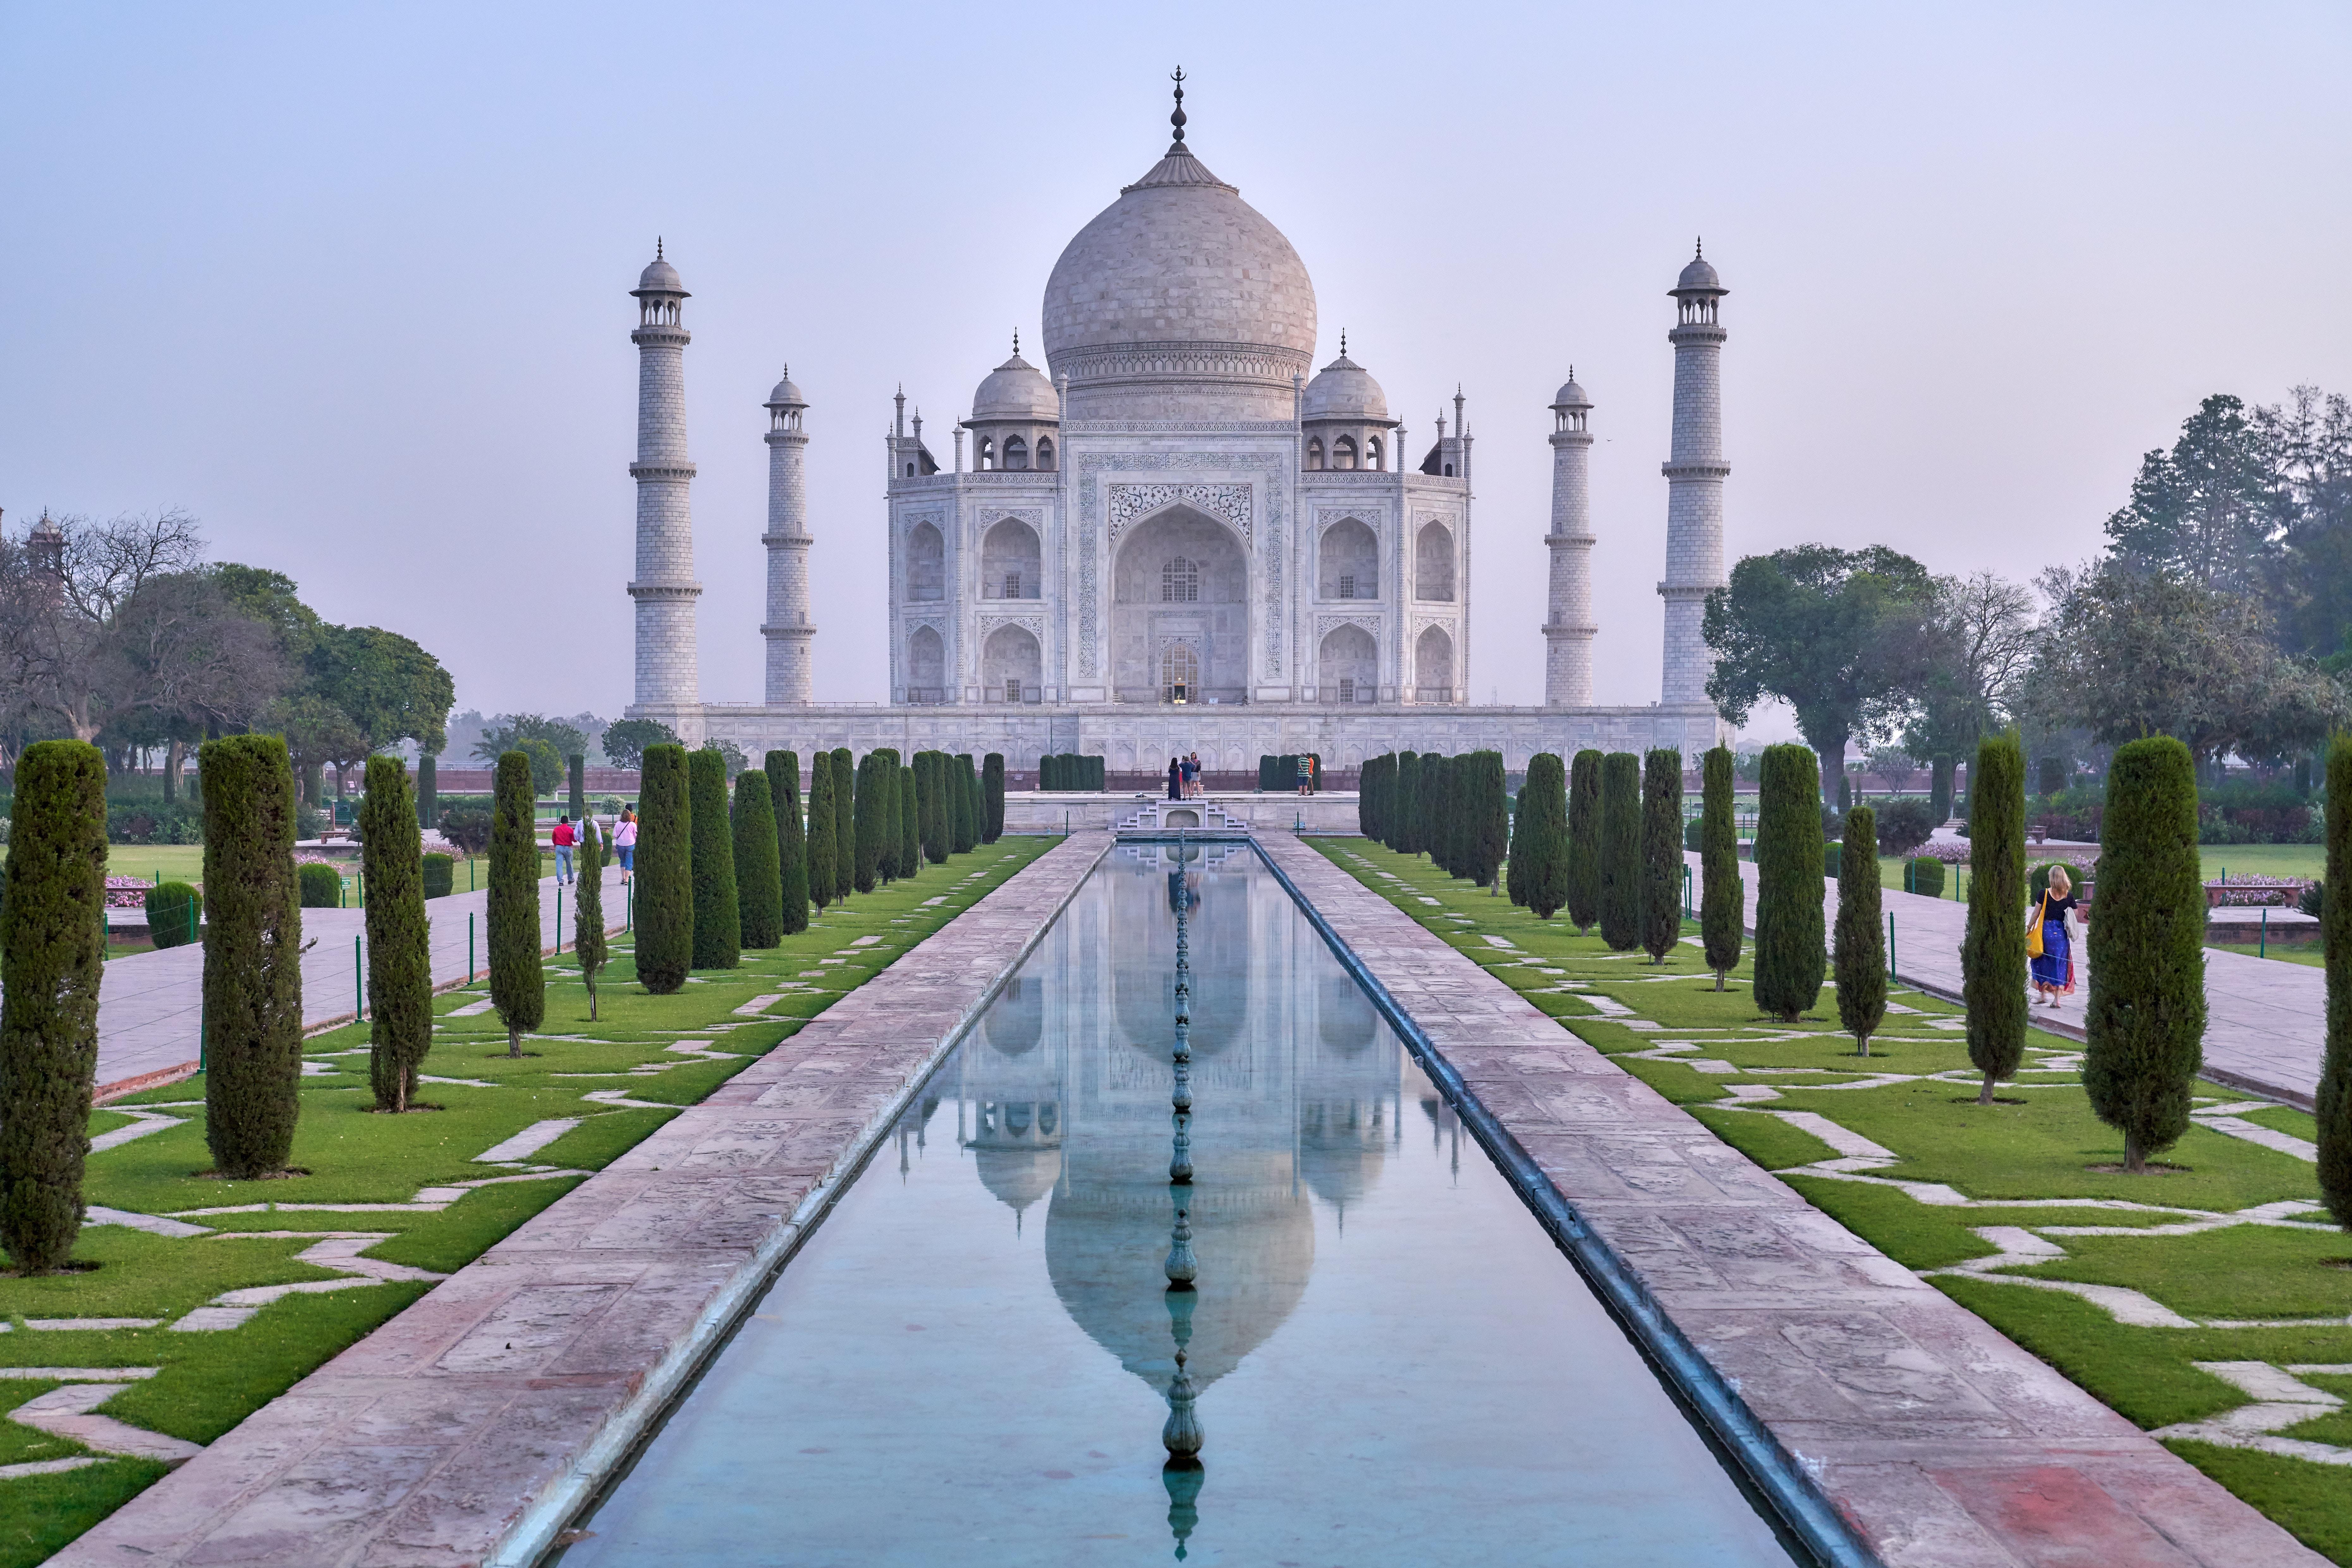 Les prochains iPhone seront fabriqués en Inde